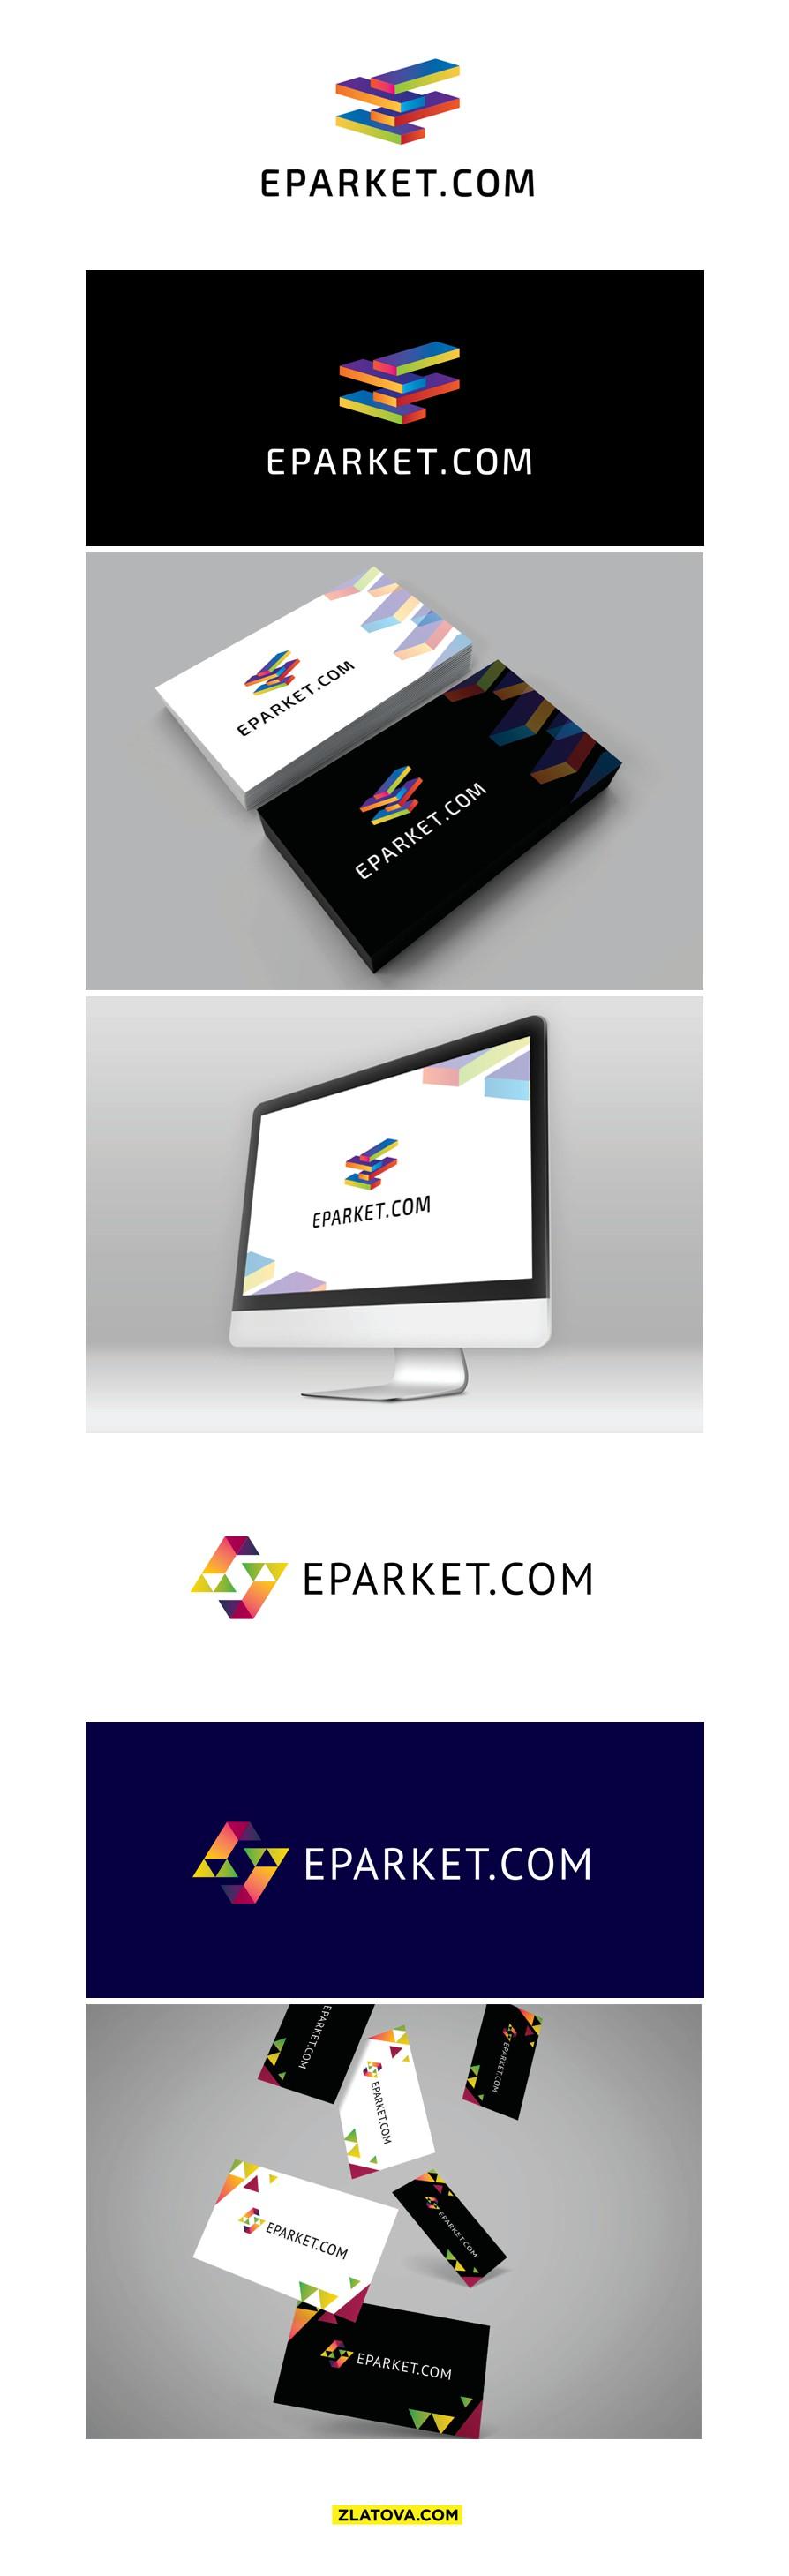 Eparket.com